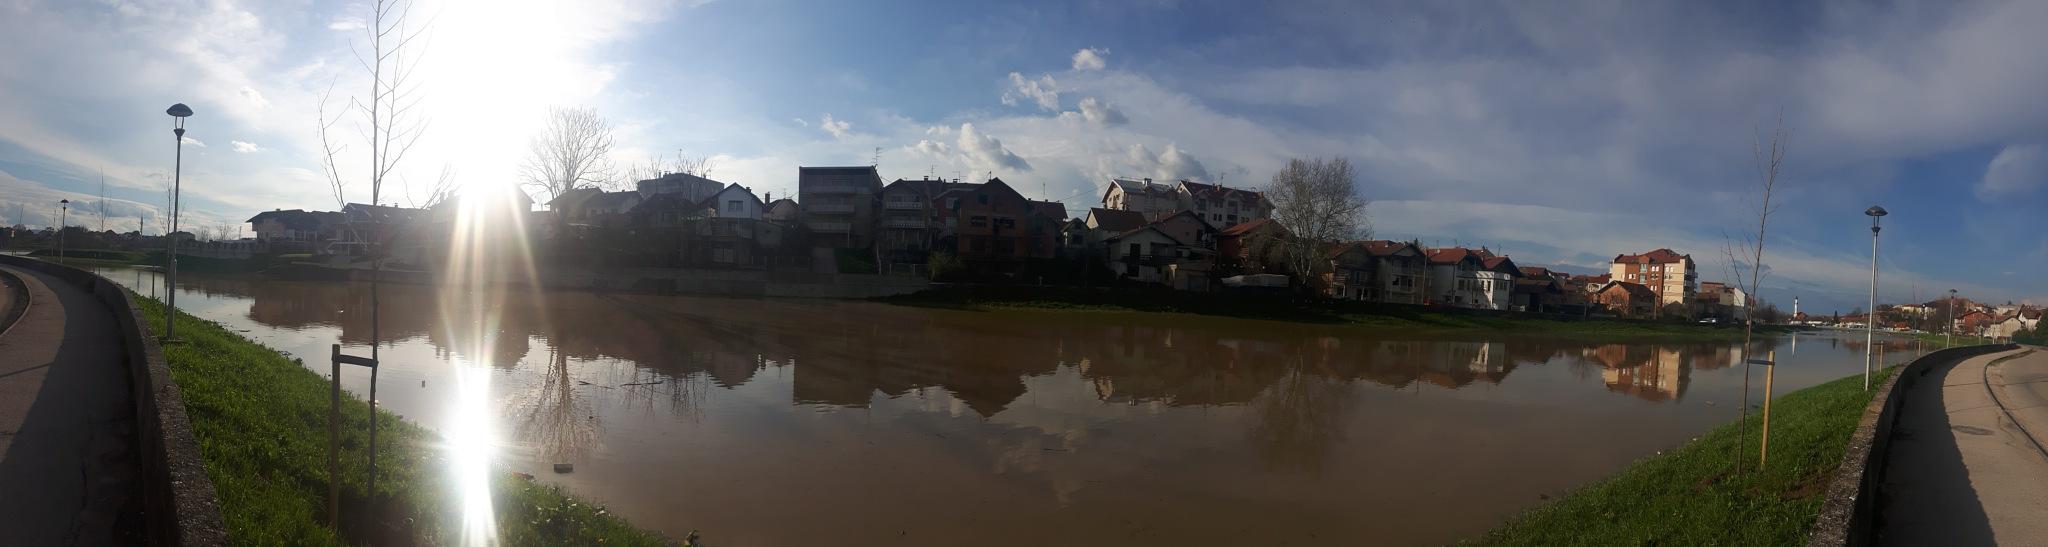 Flooded river Brka in Brčko by Mevludin_Hasanovic